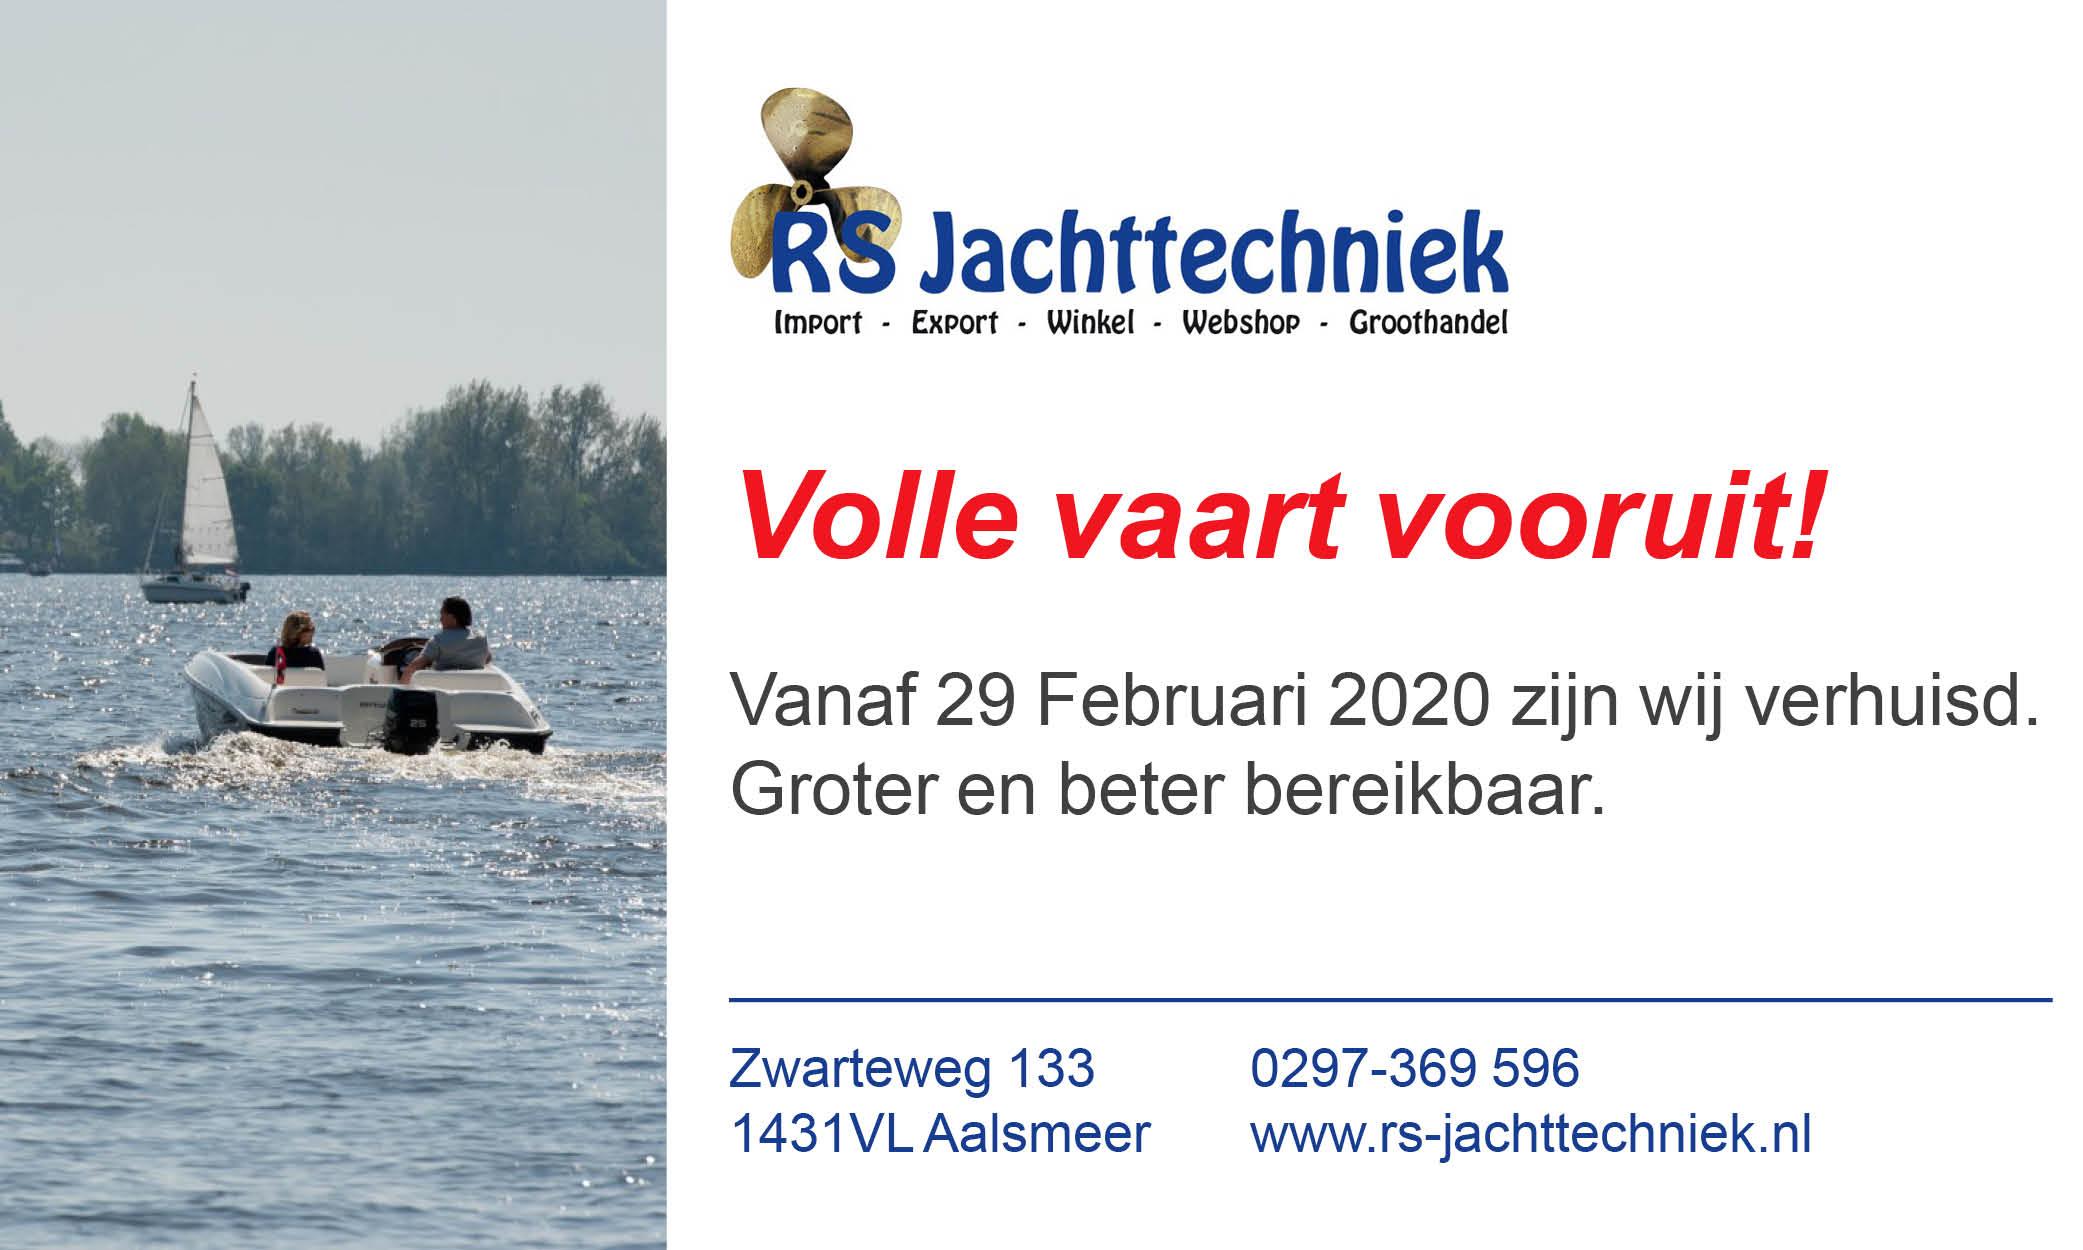 Rs-jachttechniek-aalsmeer-vandaag